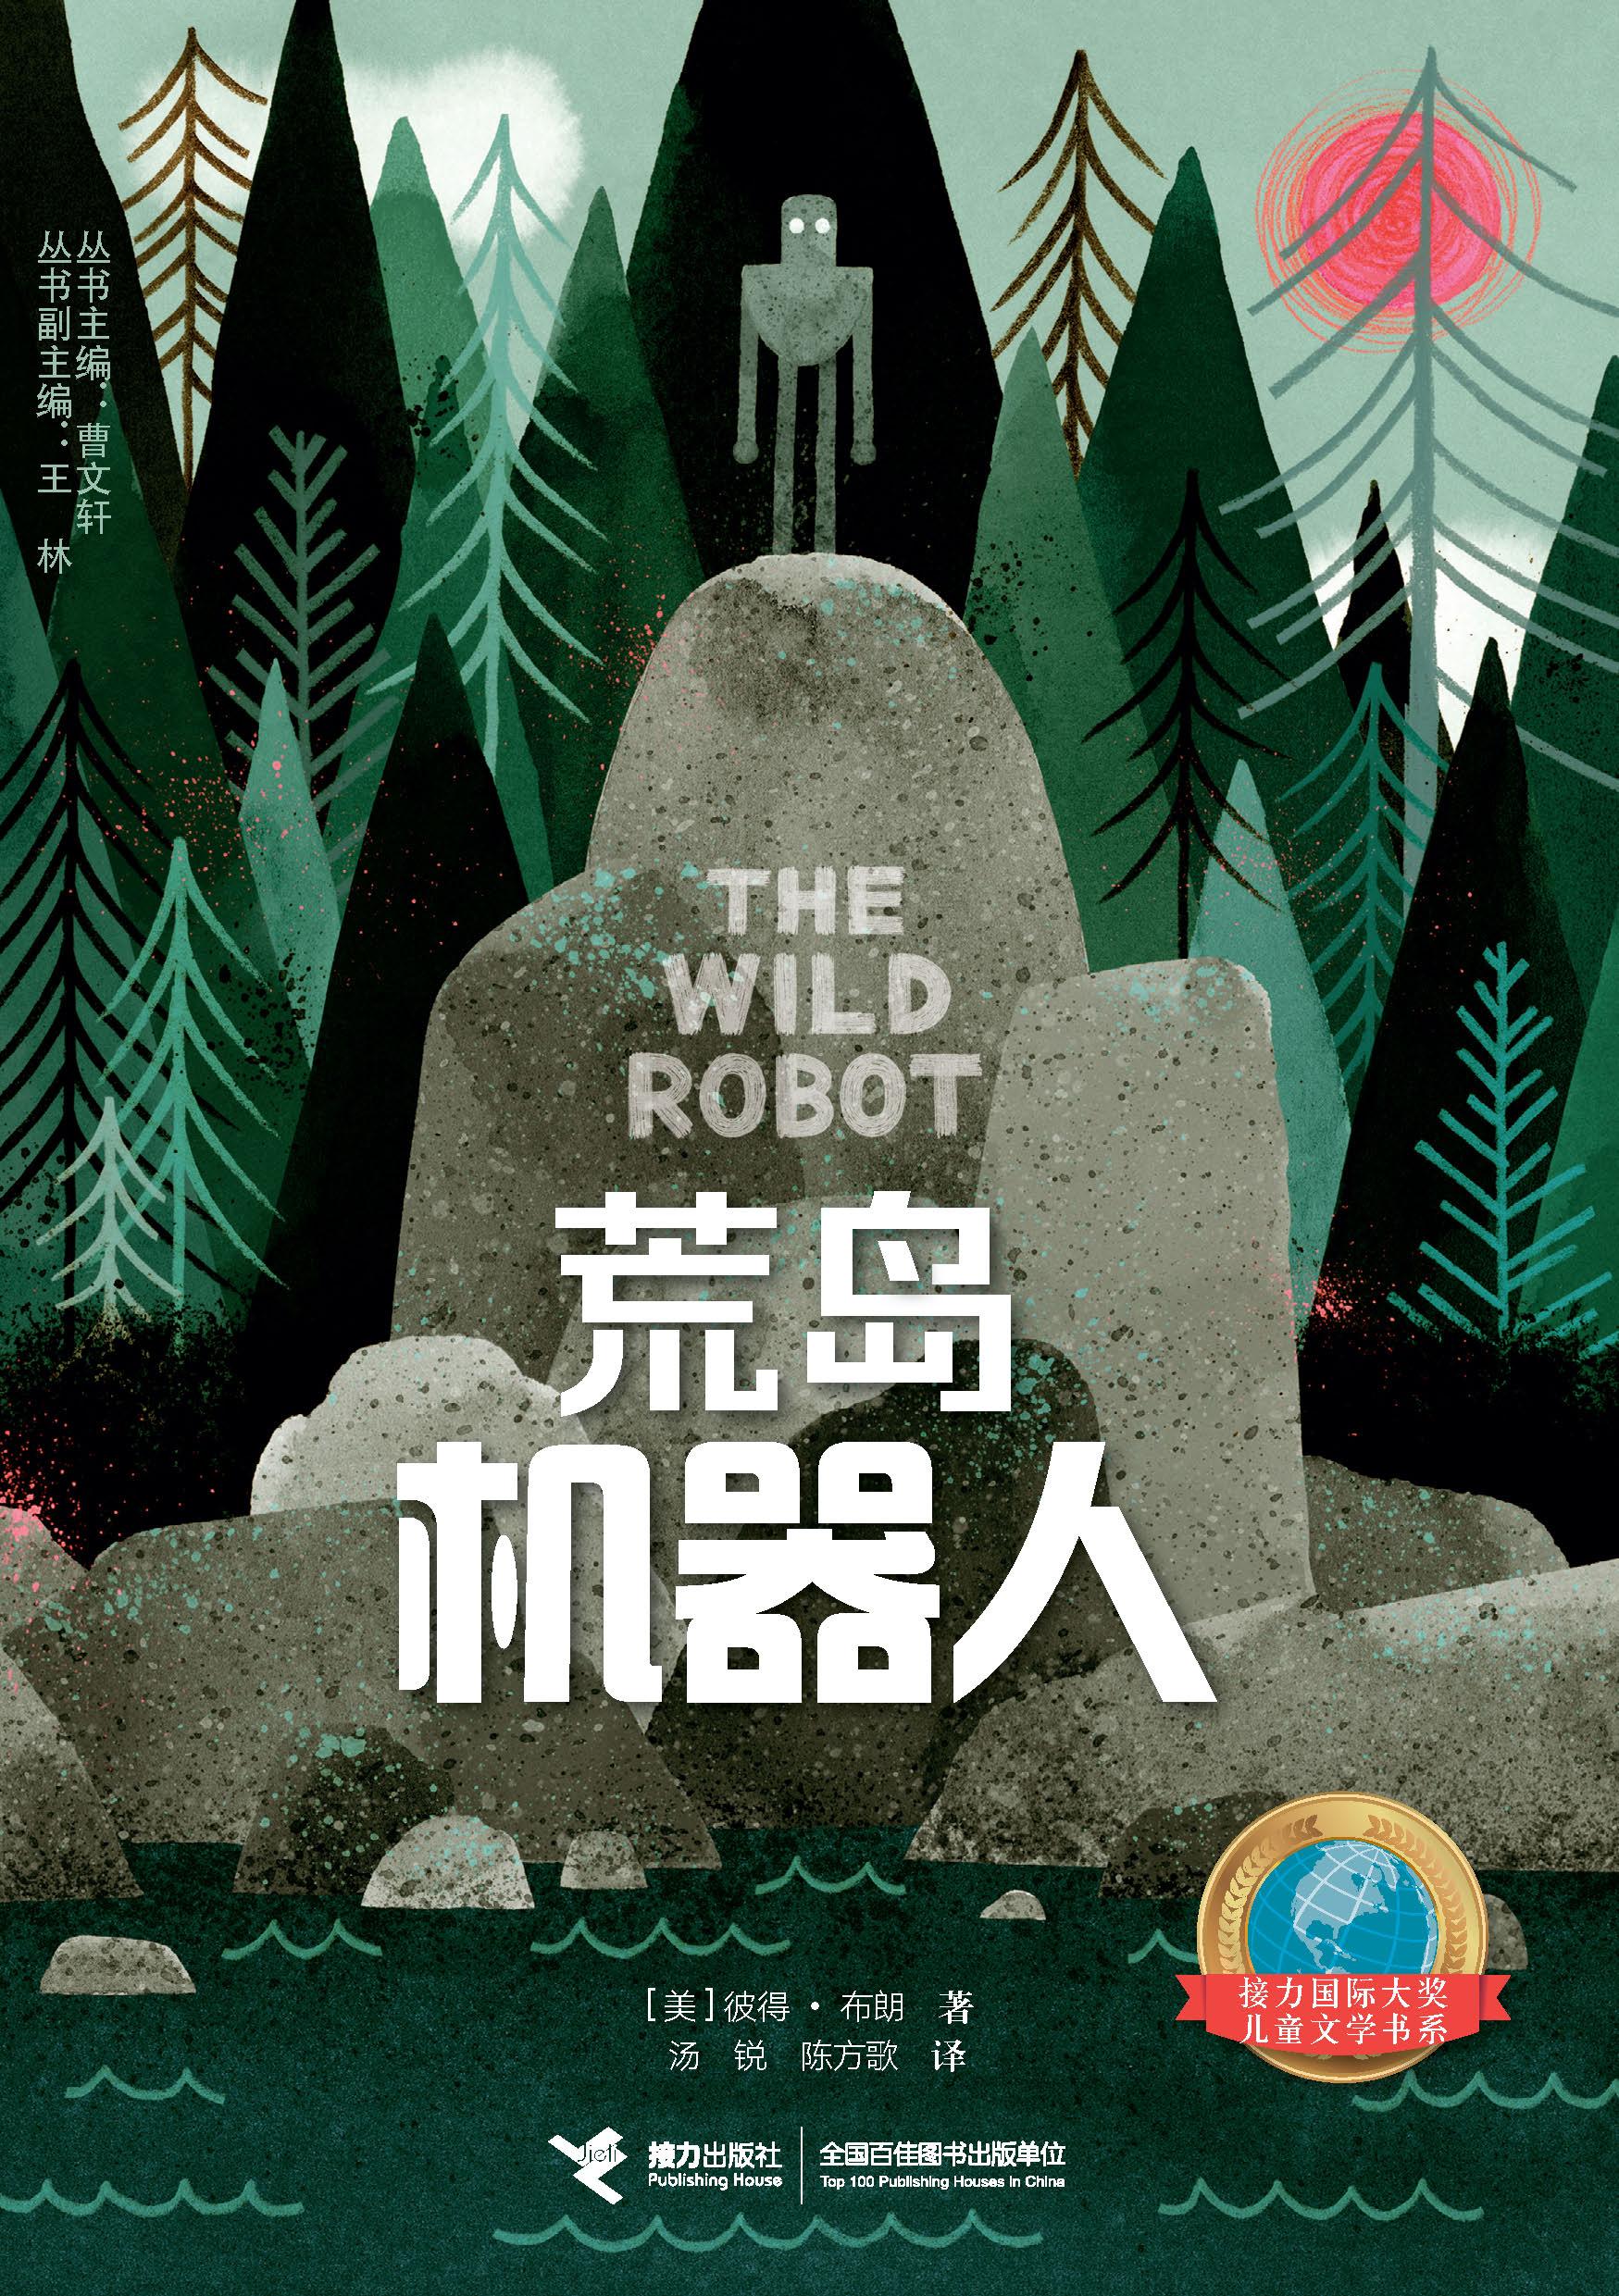 荒岛机器人